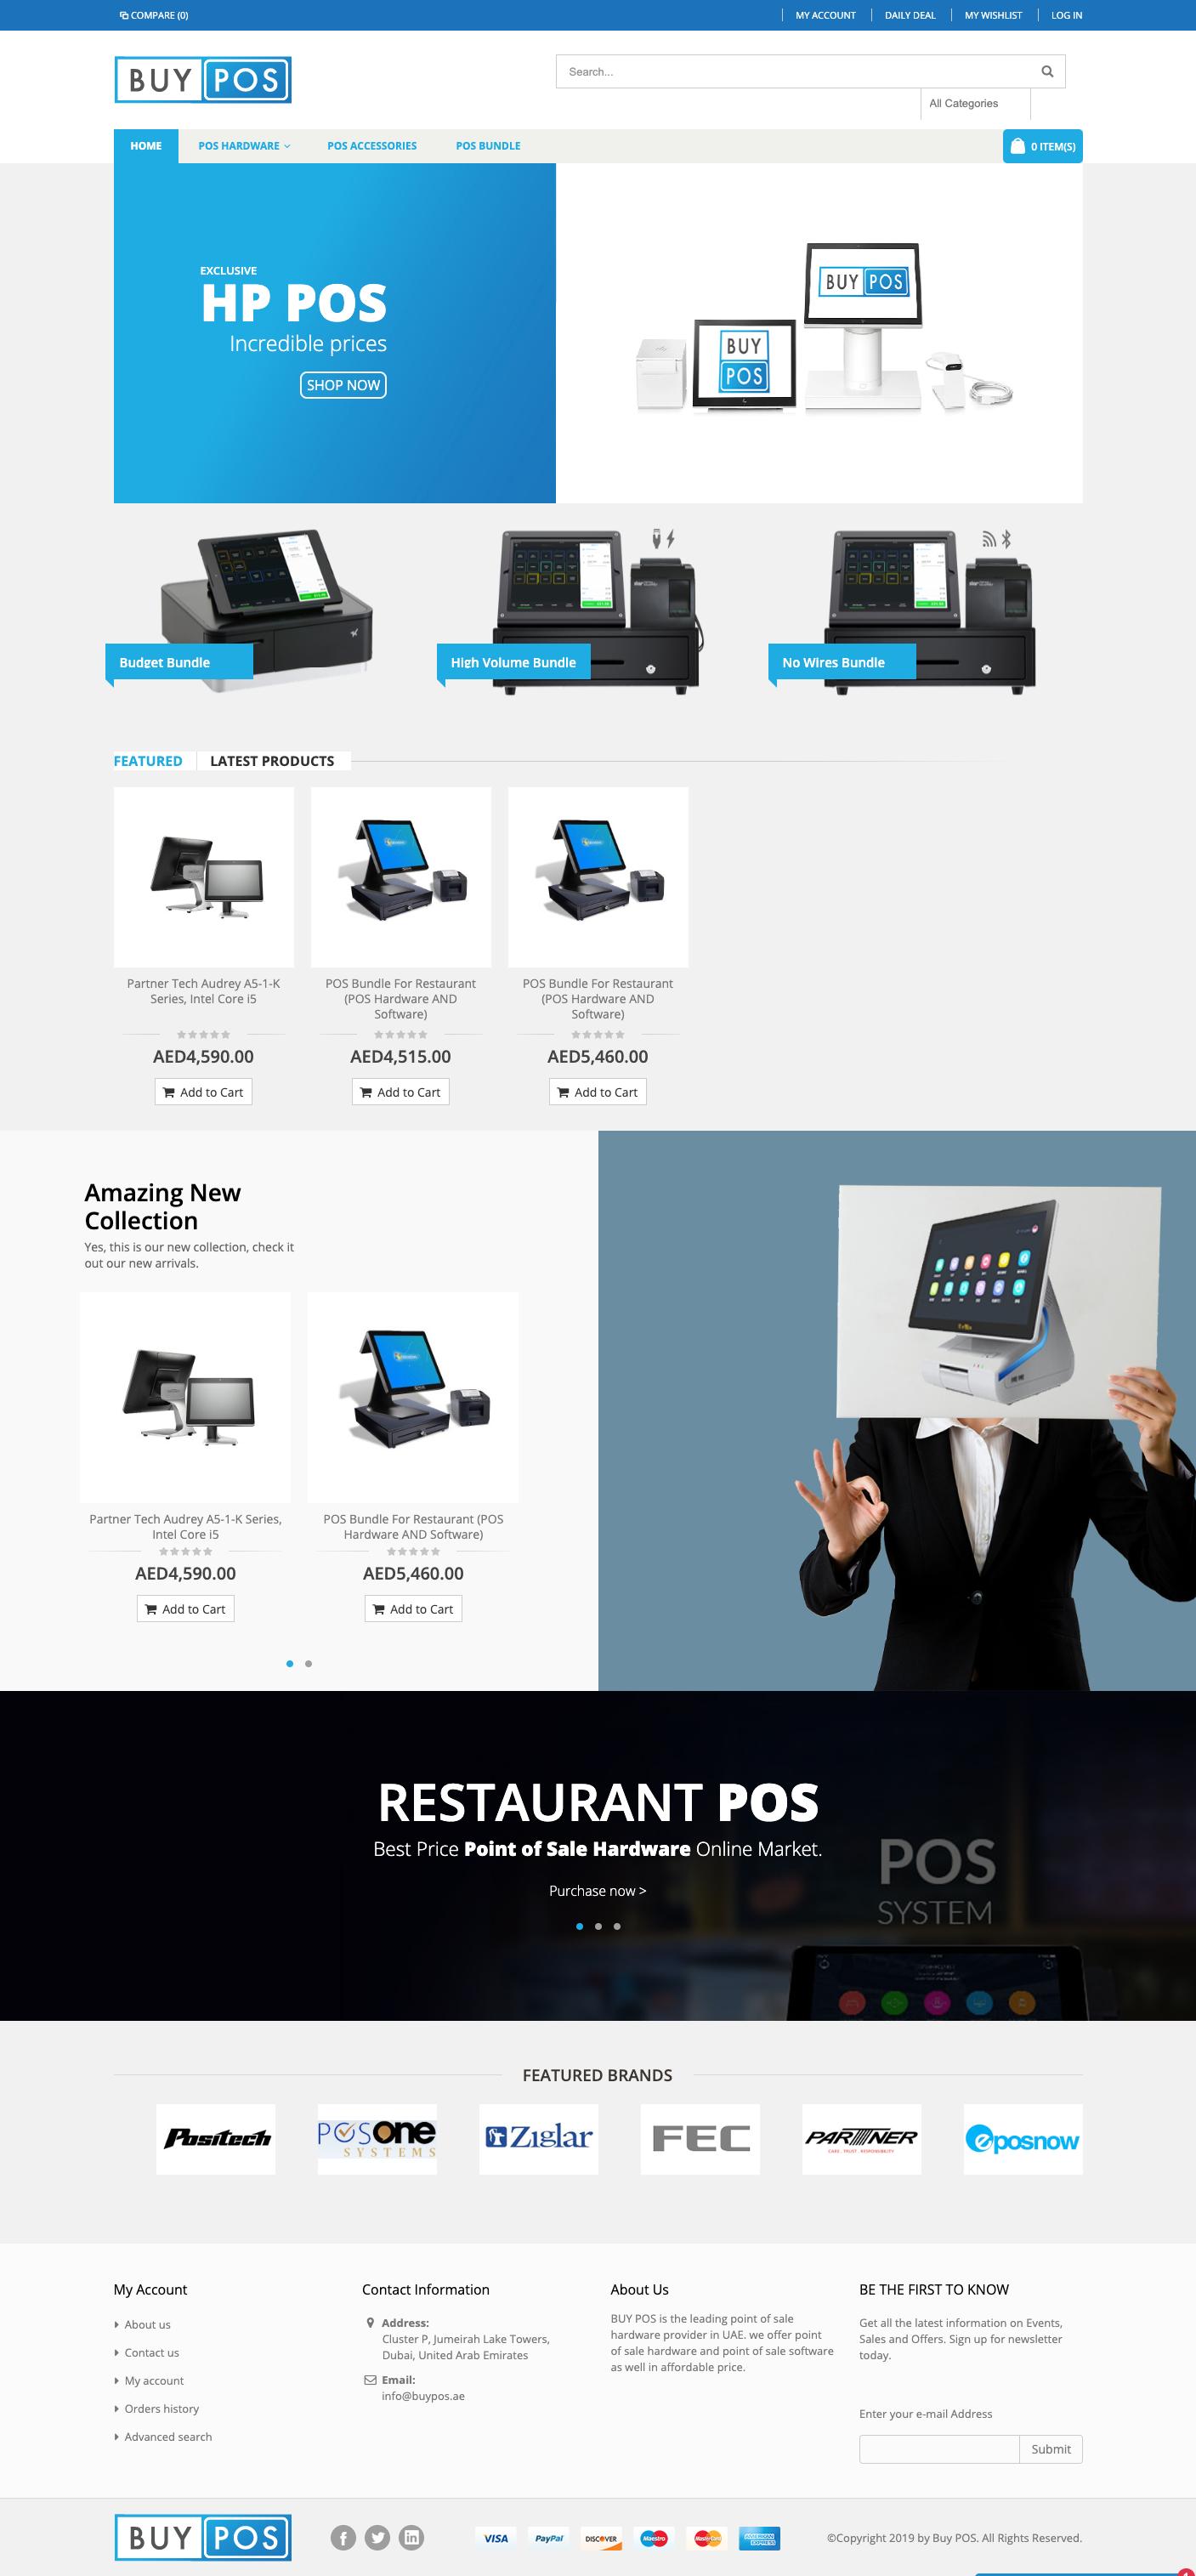 buypos home page design